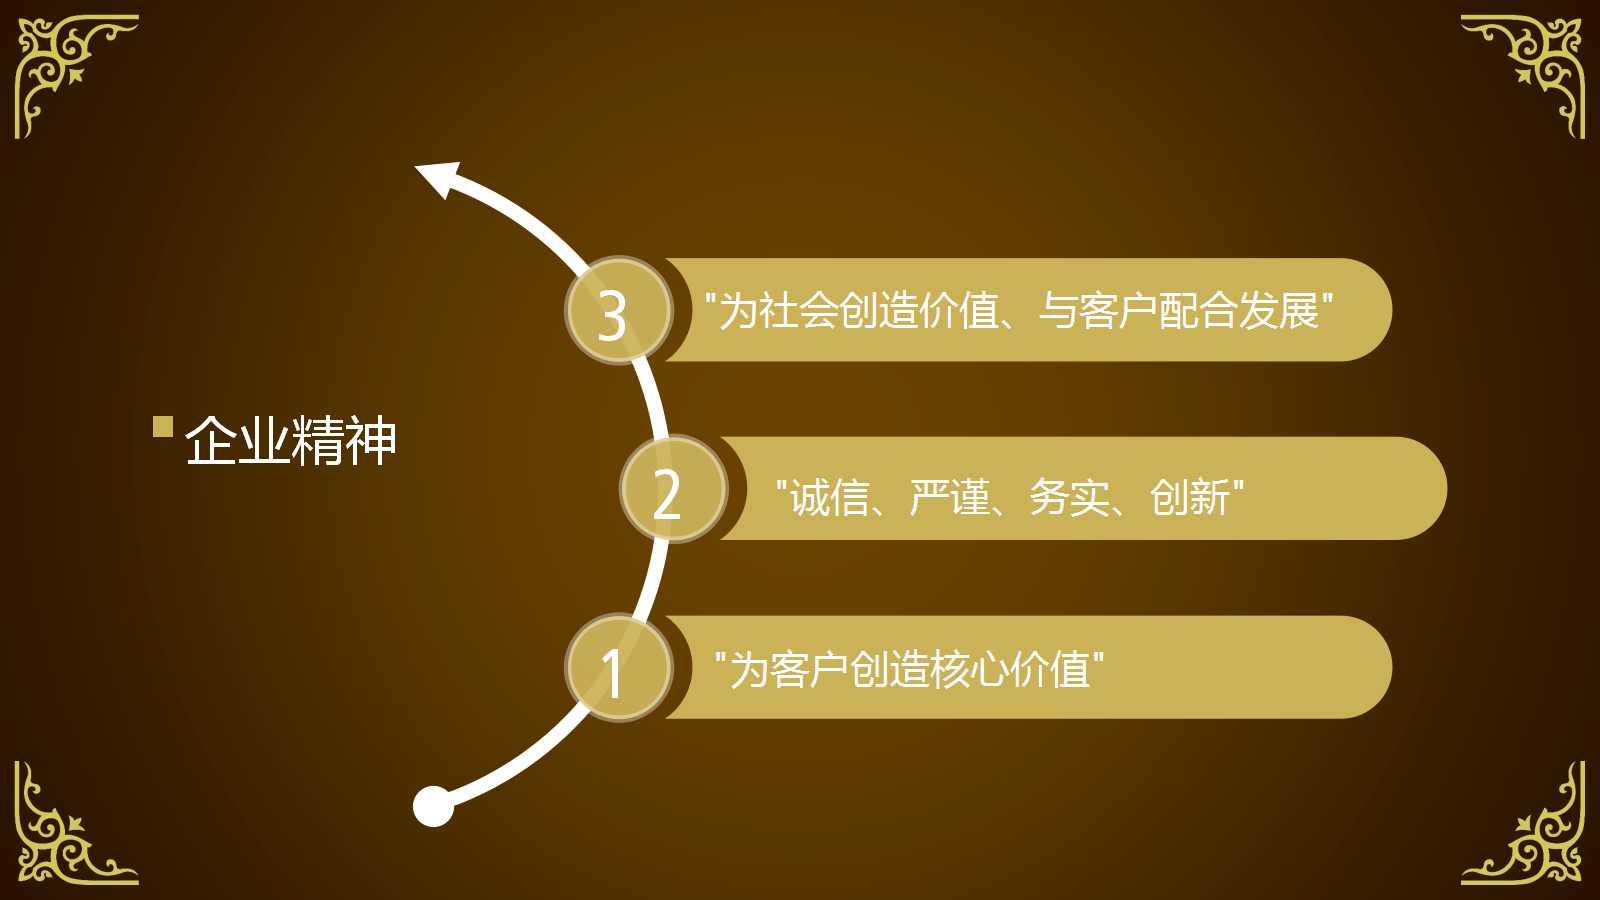 大理祥云怎么写可行性研究报告有盖章资质